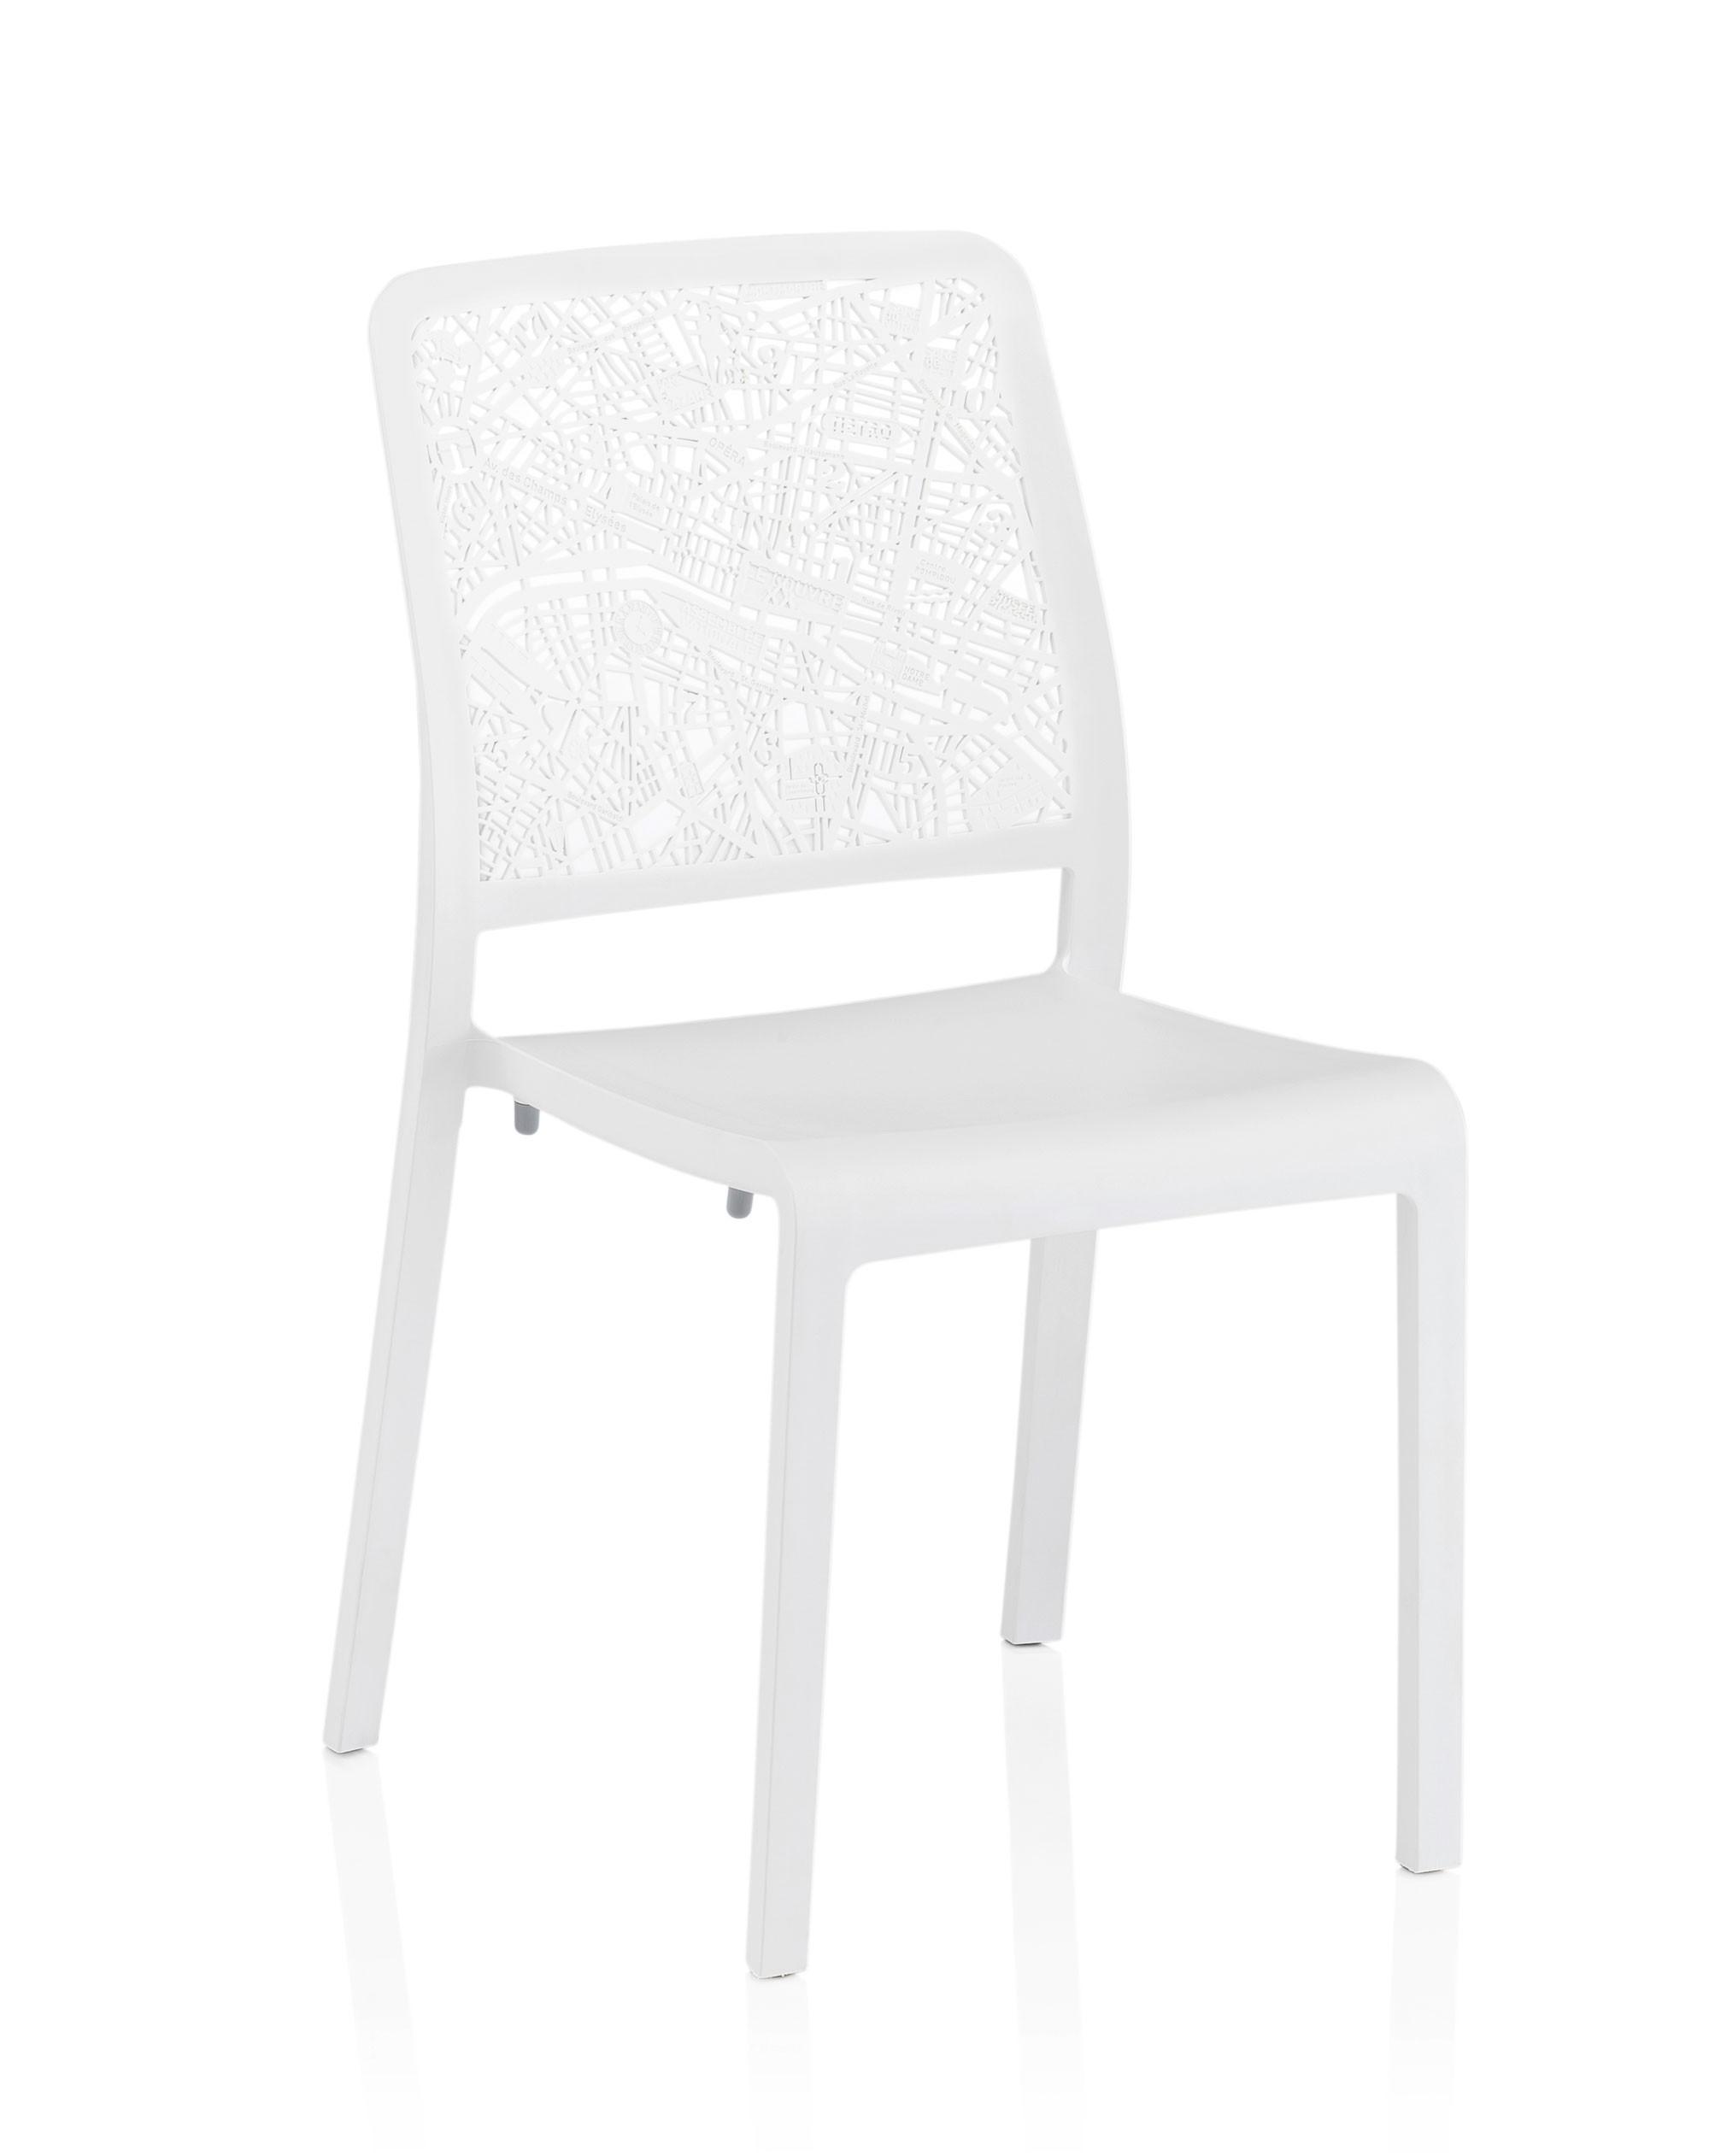 KETTLER Gartenstuhl Seine 0313306-5000 stapelbar Kunststoff weiß ...